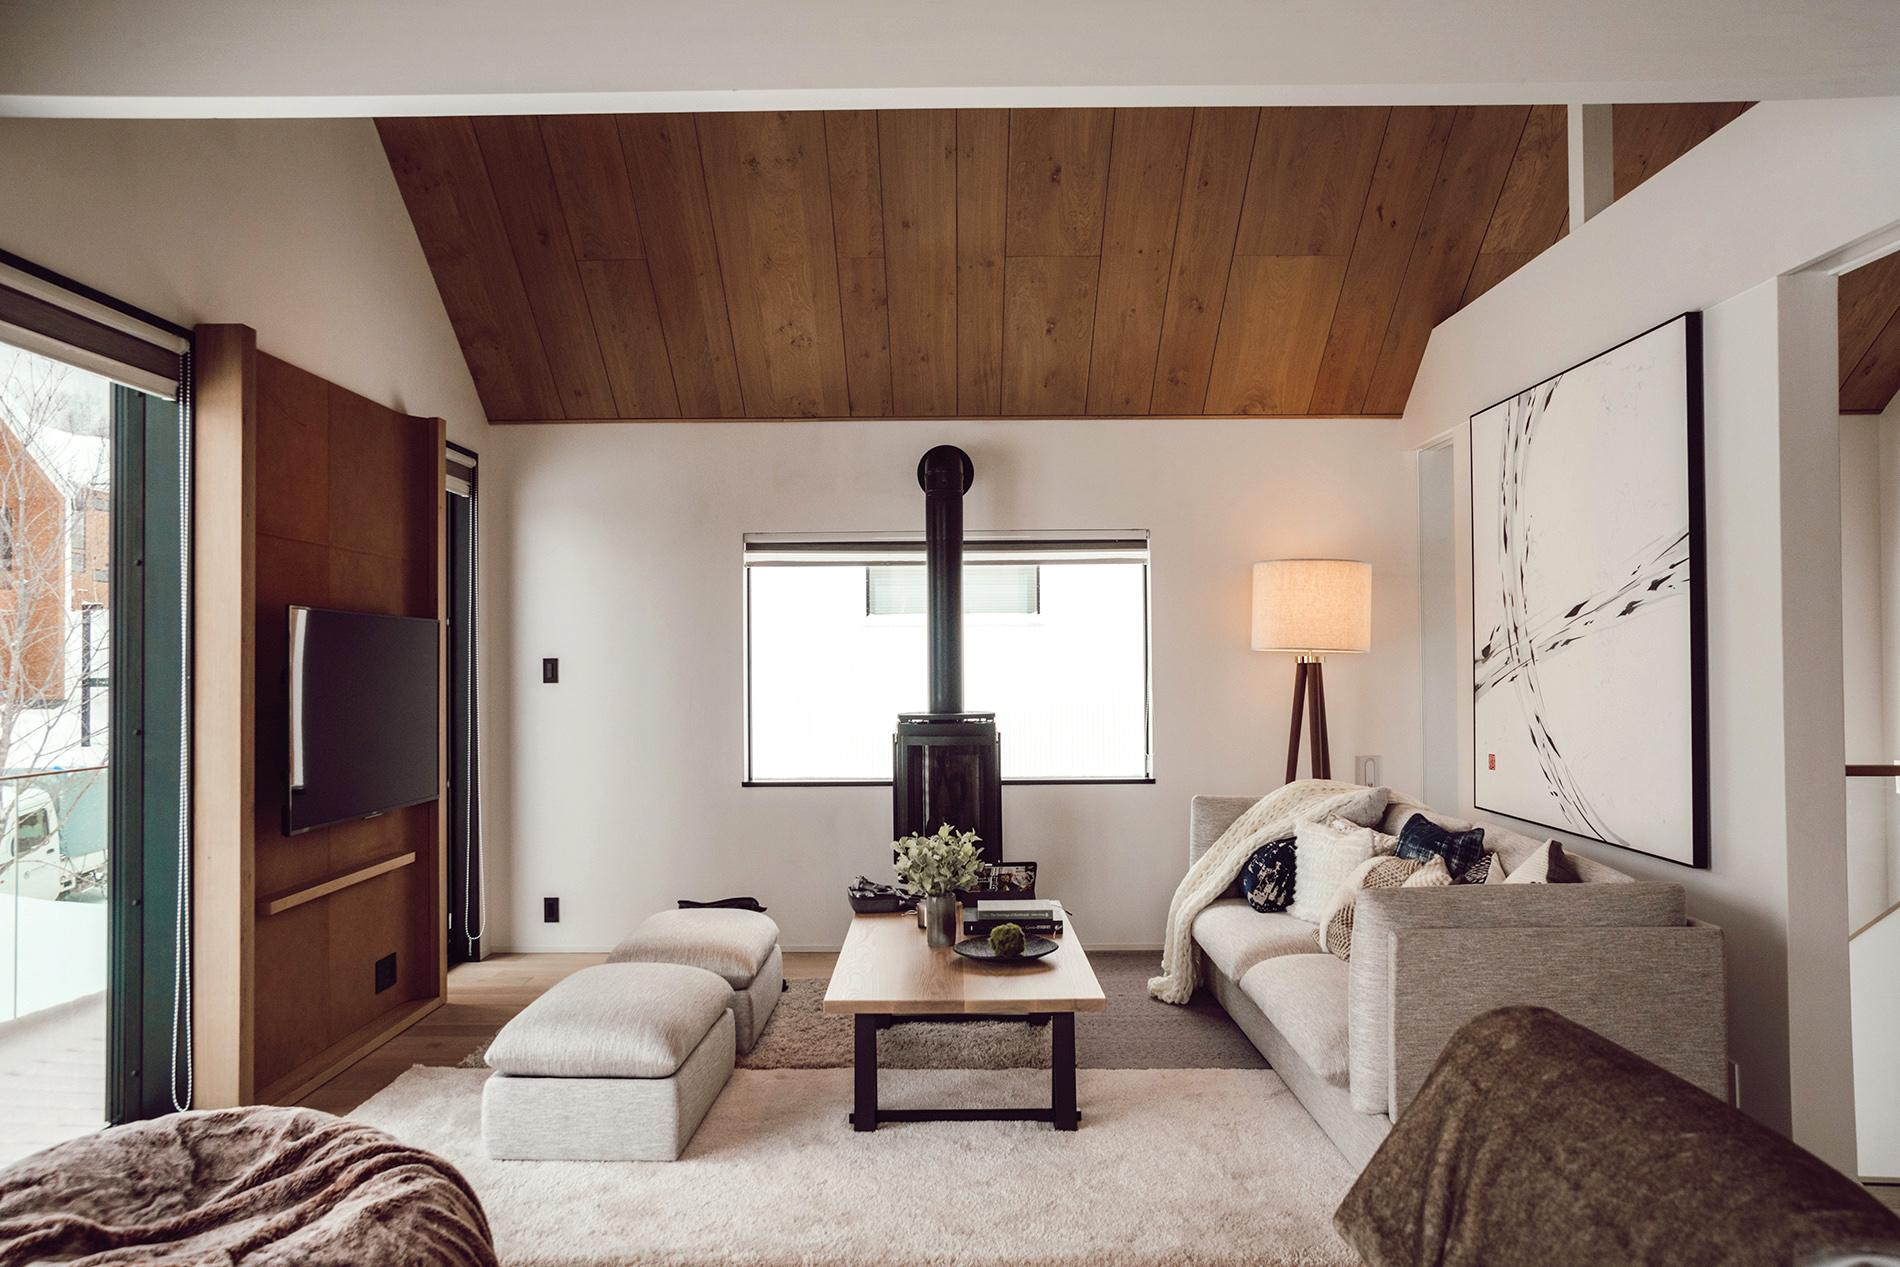 Cette Maison D Architecte Au Japon Est Inspiree Par La Scandinavie Et Le Hygge Planete Deco A Homes World Flipboard